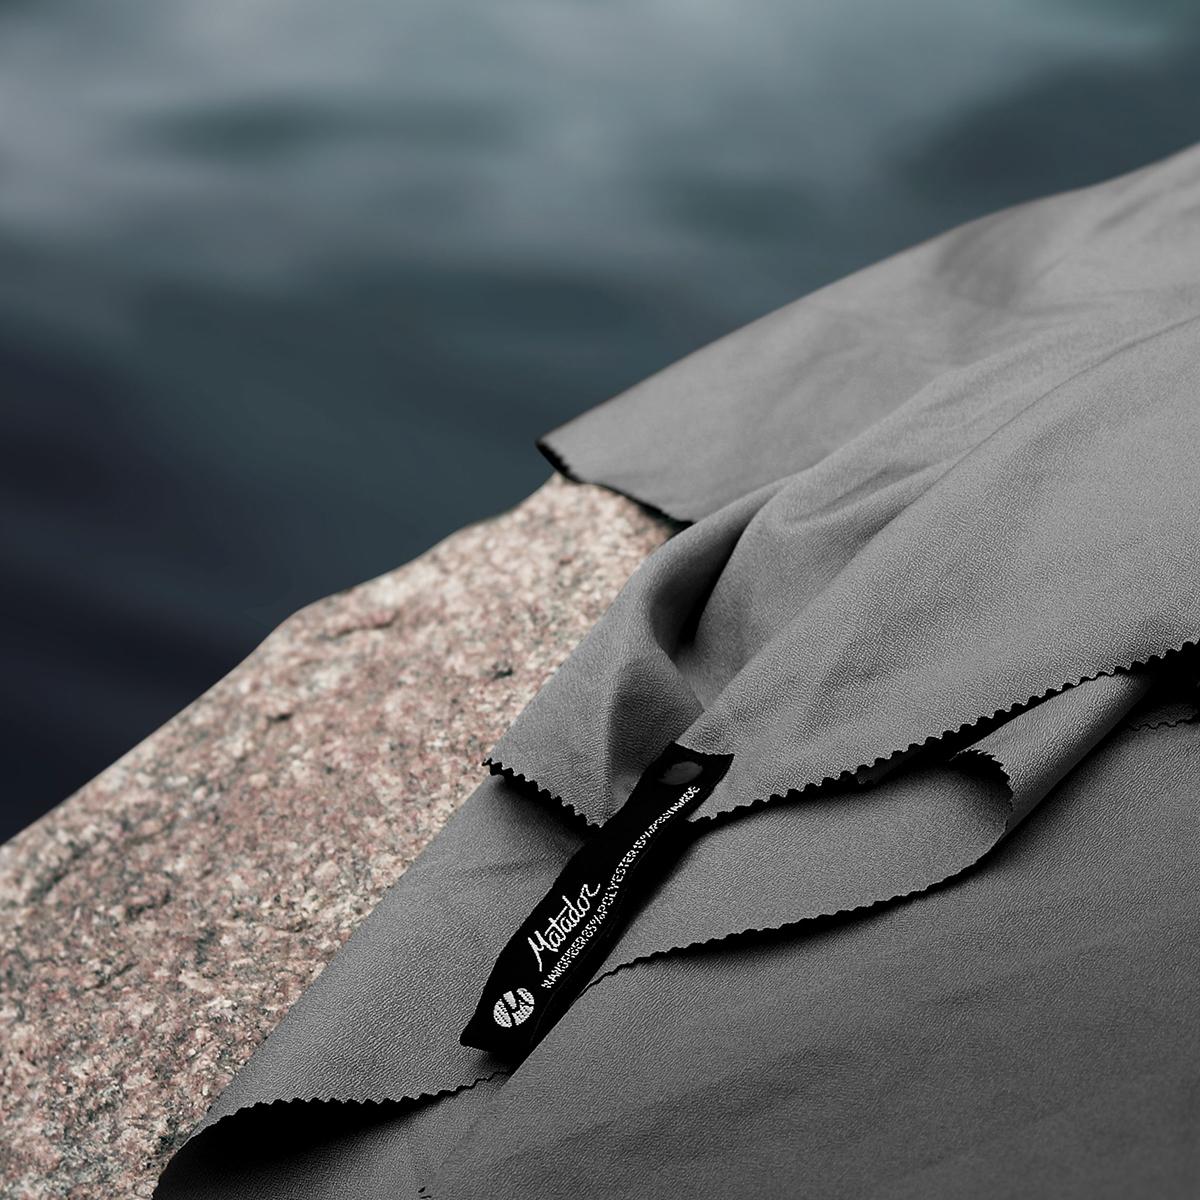 手のひらサイズになる大容量バッグ|《2019新作》極薄&超軽量なのに驚きの吸水速乾性。小さくたためて、ビーチやジムでもっと身軽になれる「ナノドライタオル」 | Matador NanoDry Shower Towel